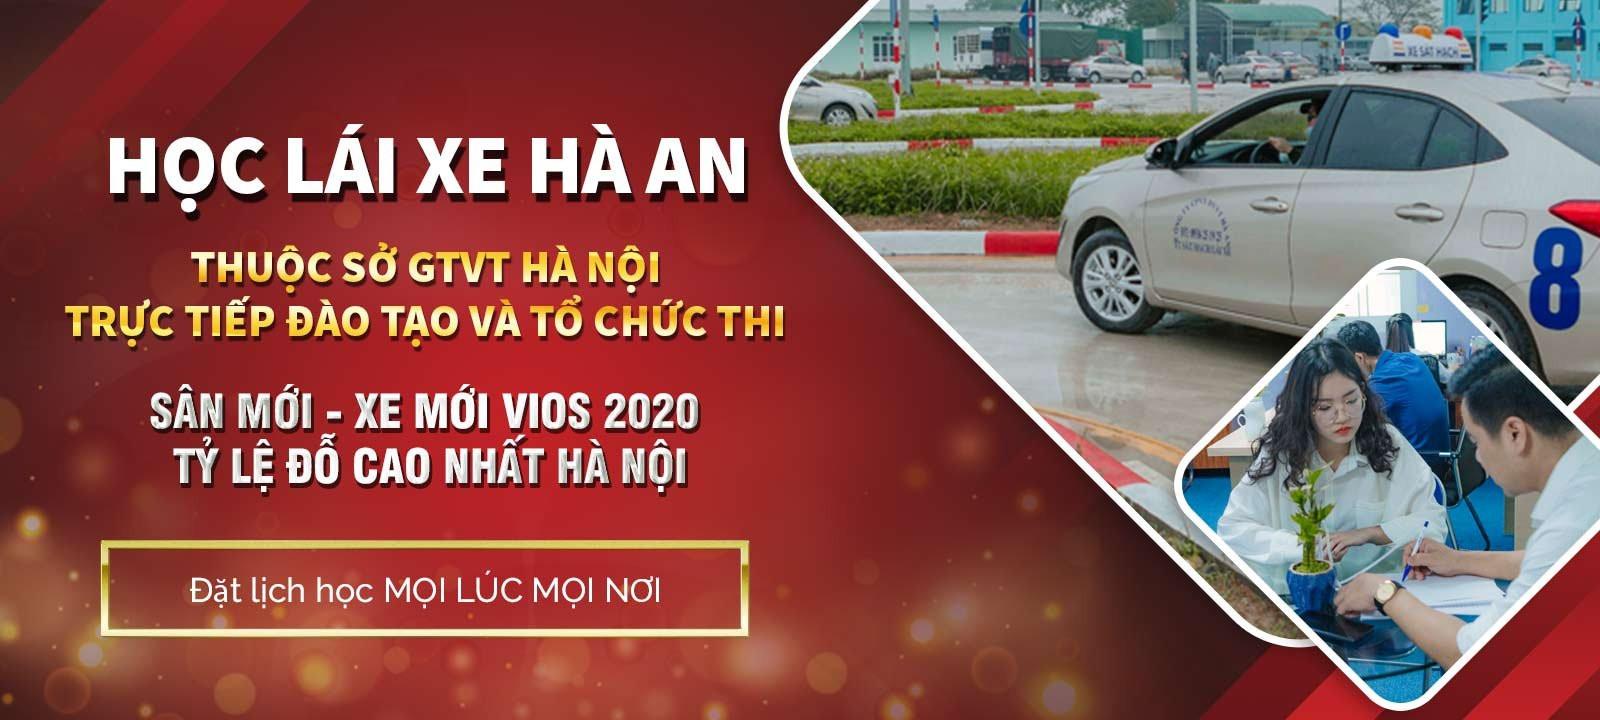 Trung tâm Đào tạo lái xe CGĐB Hà An